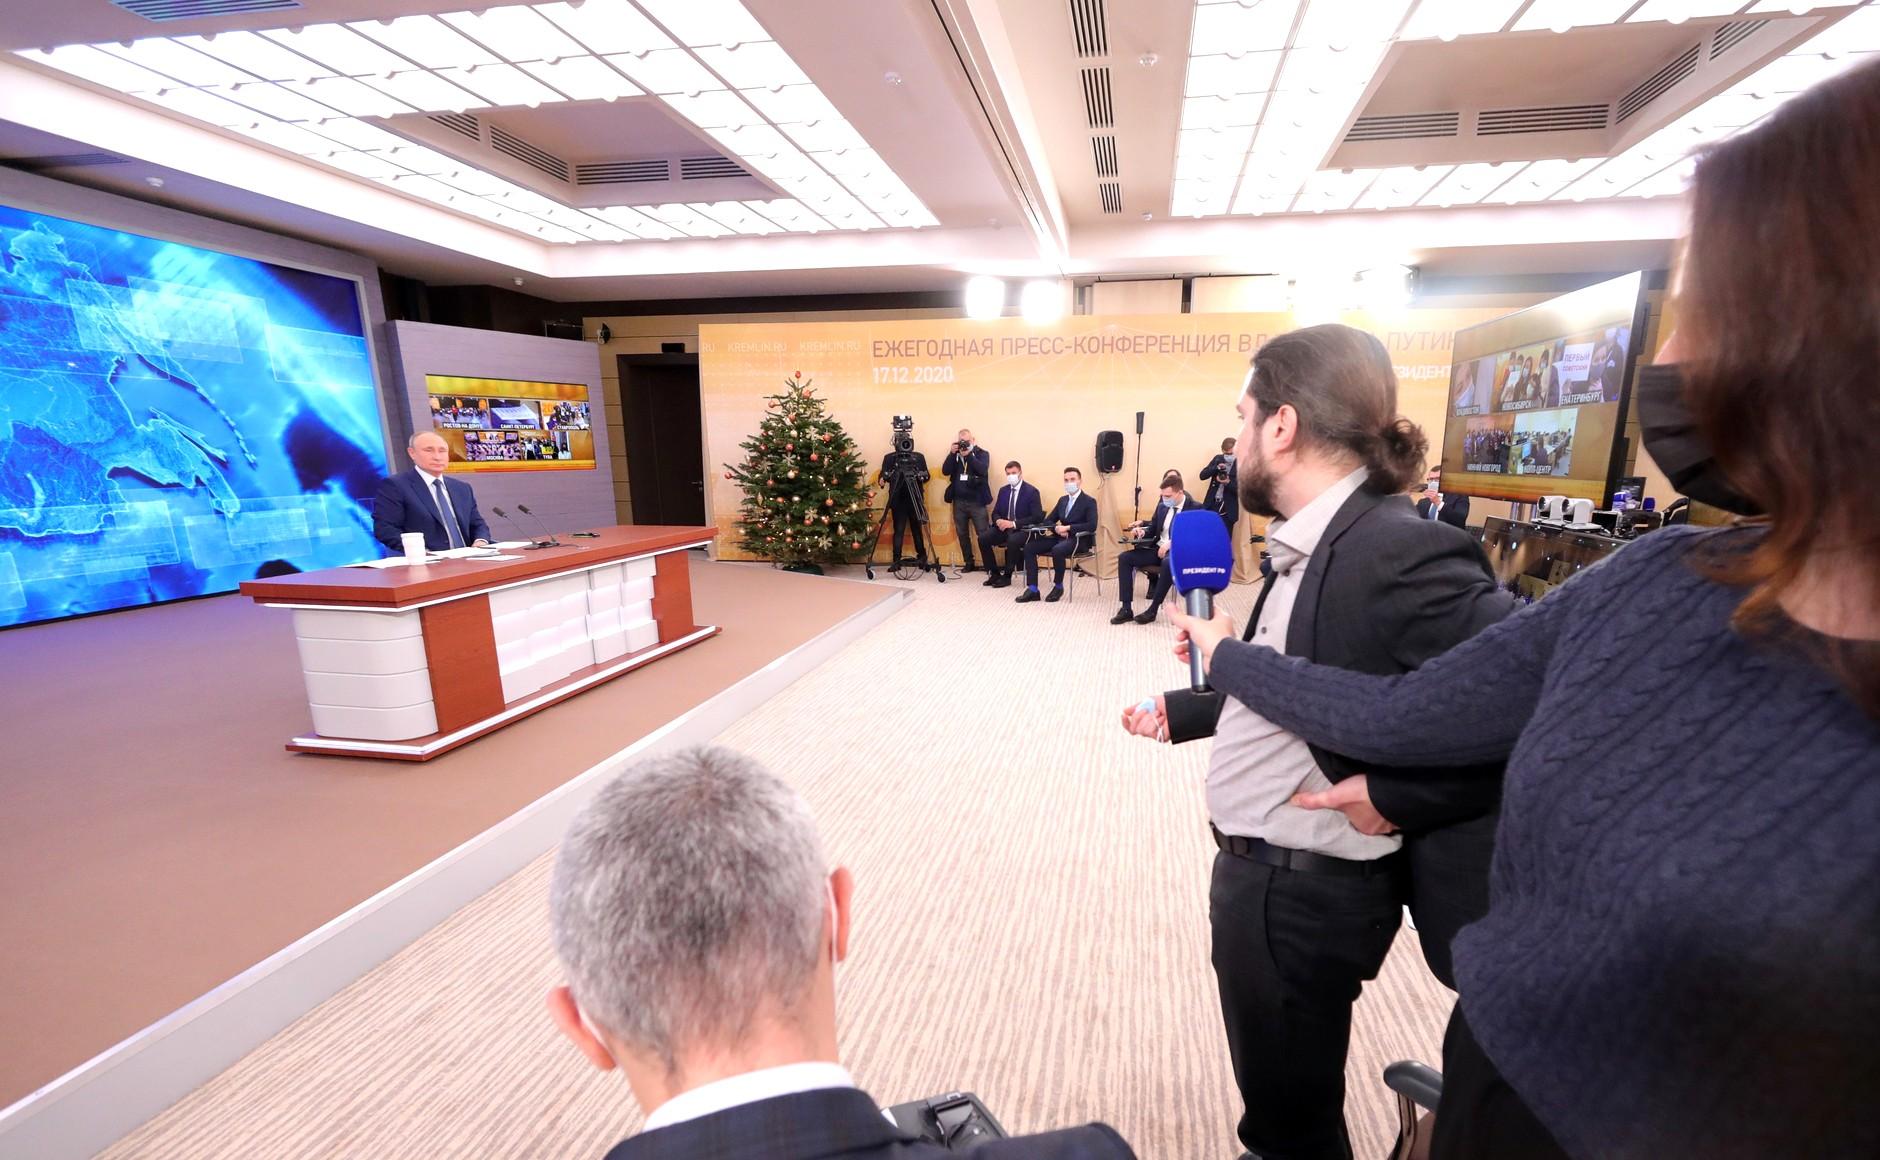 RUSSIE 17.12.2020.CONFERENCE 39 XX 66 Avant le début de la conférence de presse annuelle de Vladimir Poutine.